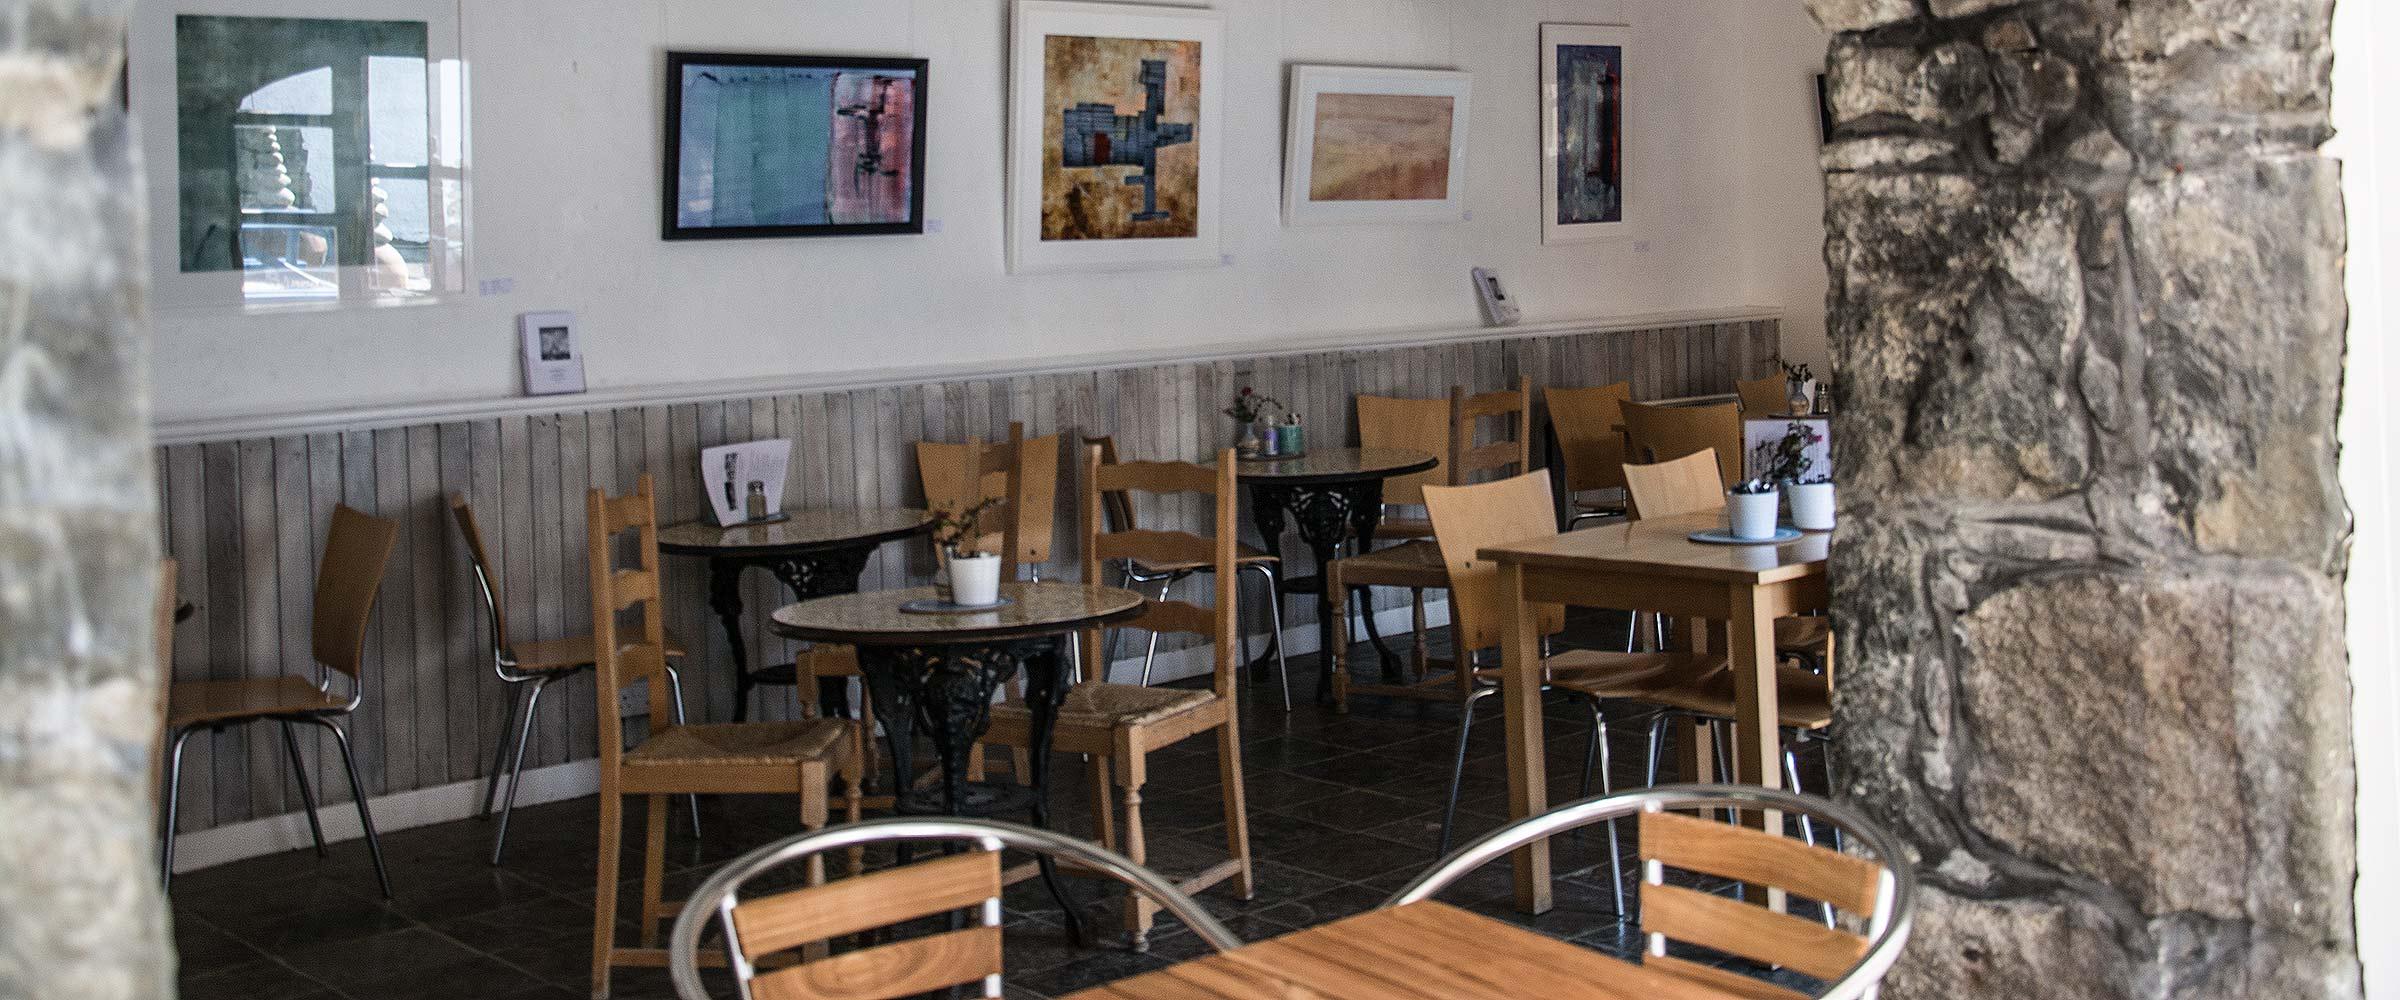 cafe-setting